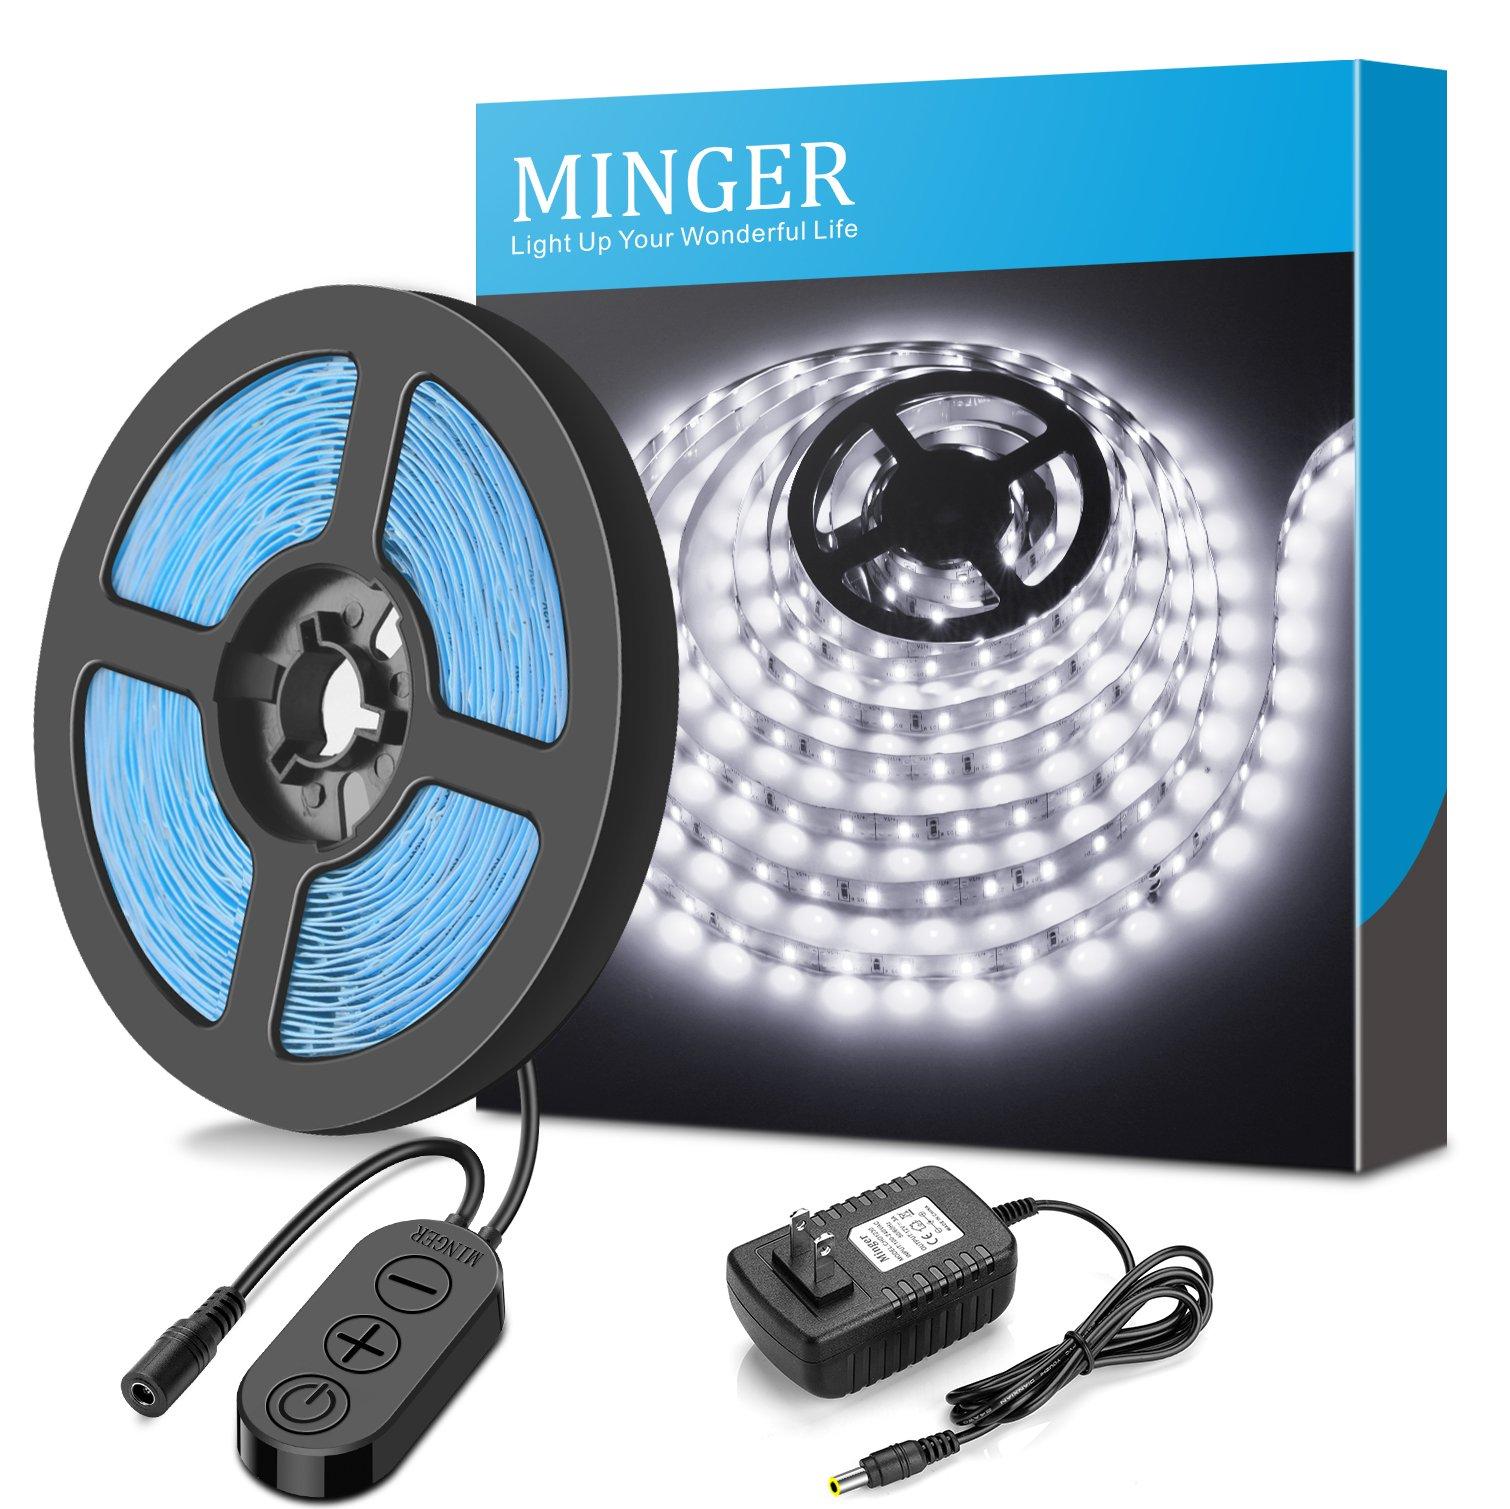 MINGER Dimmable LED Light Strip Kit, LED Tape Light, 6000K Daylight White, 300 SMD 2835 LEDs, 16.4FT/5M Non-Waterproof LED Ribbon, Under Cabinet Lighting Strips for Home, DC 12V UL Listed